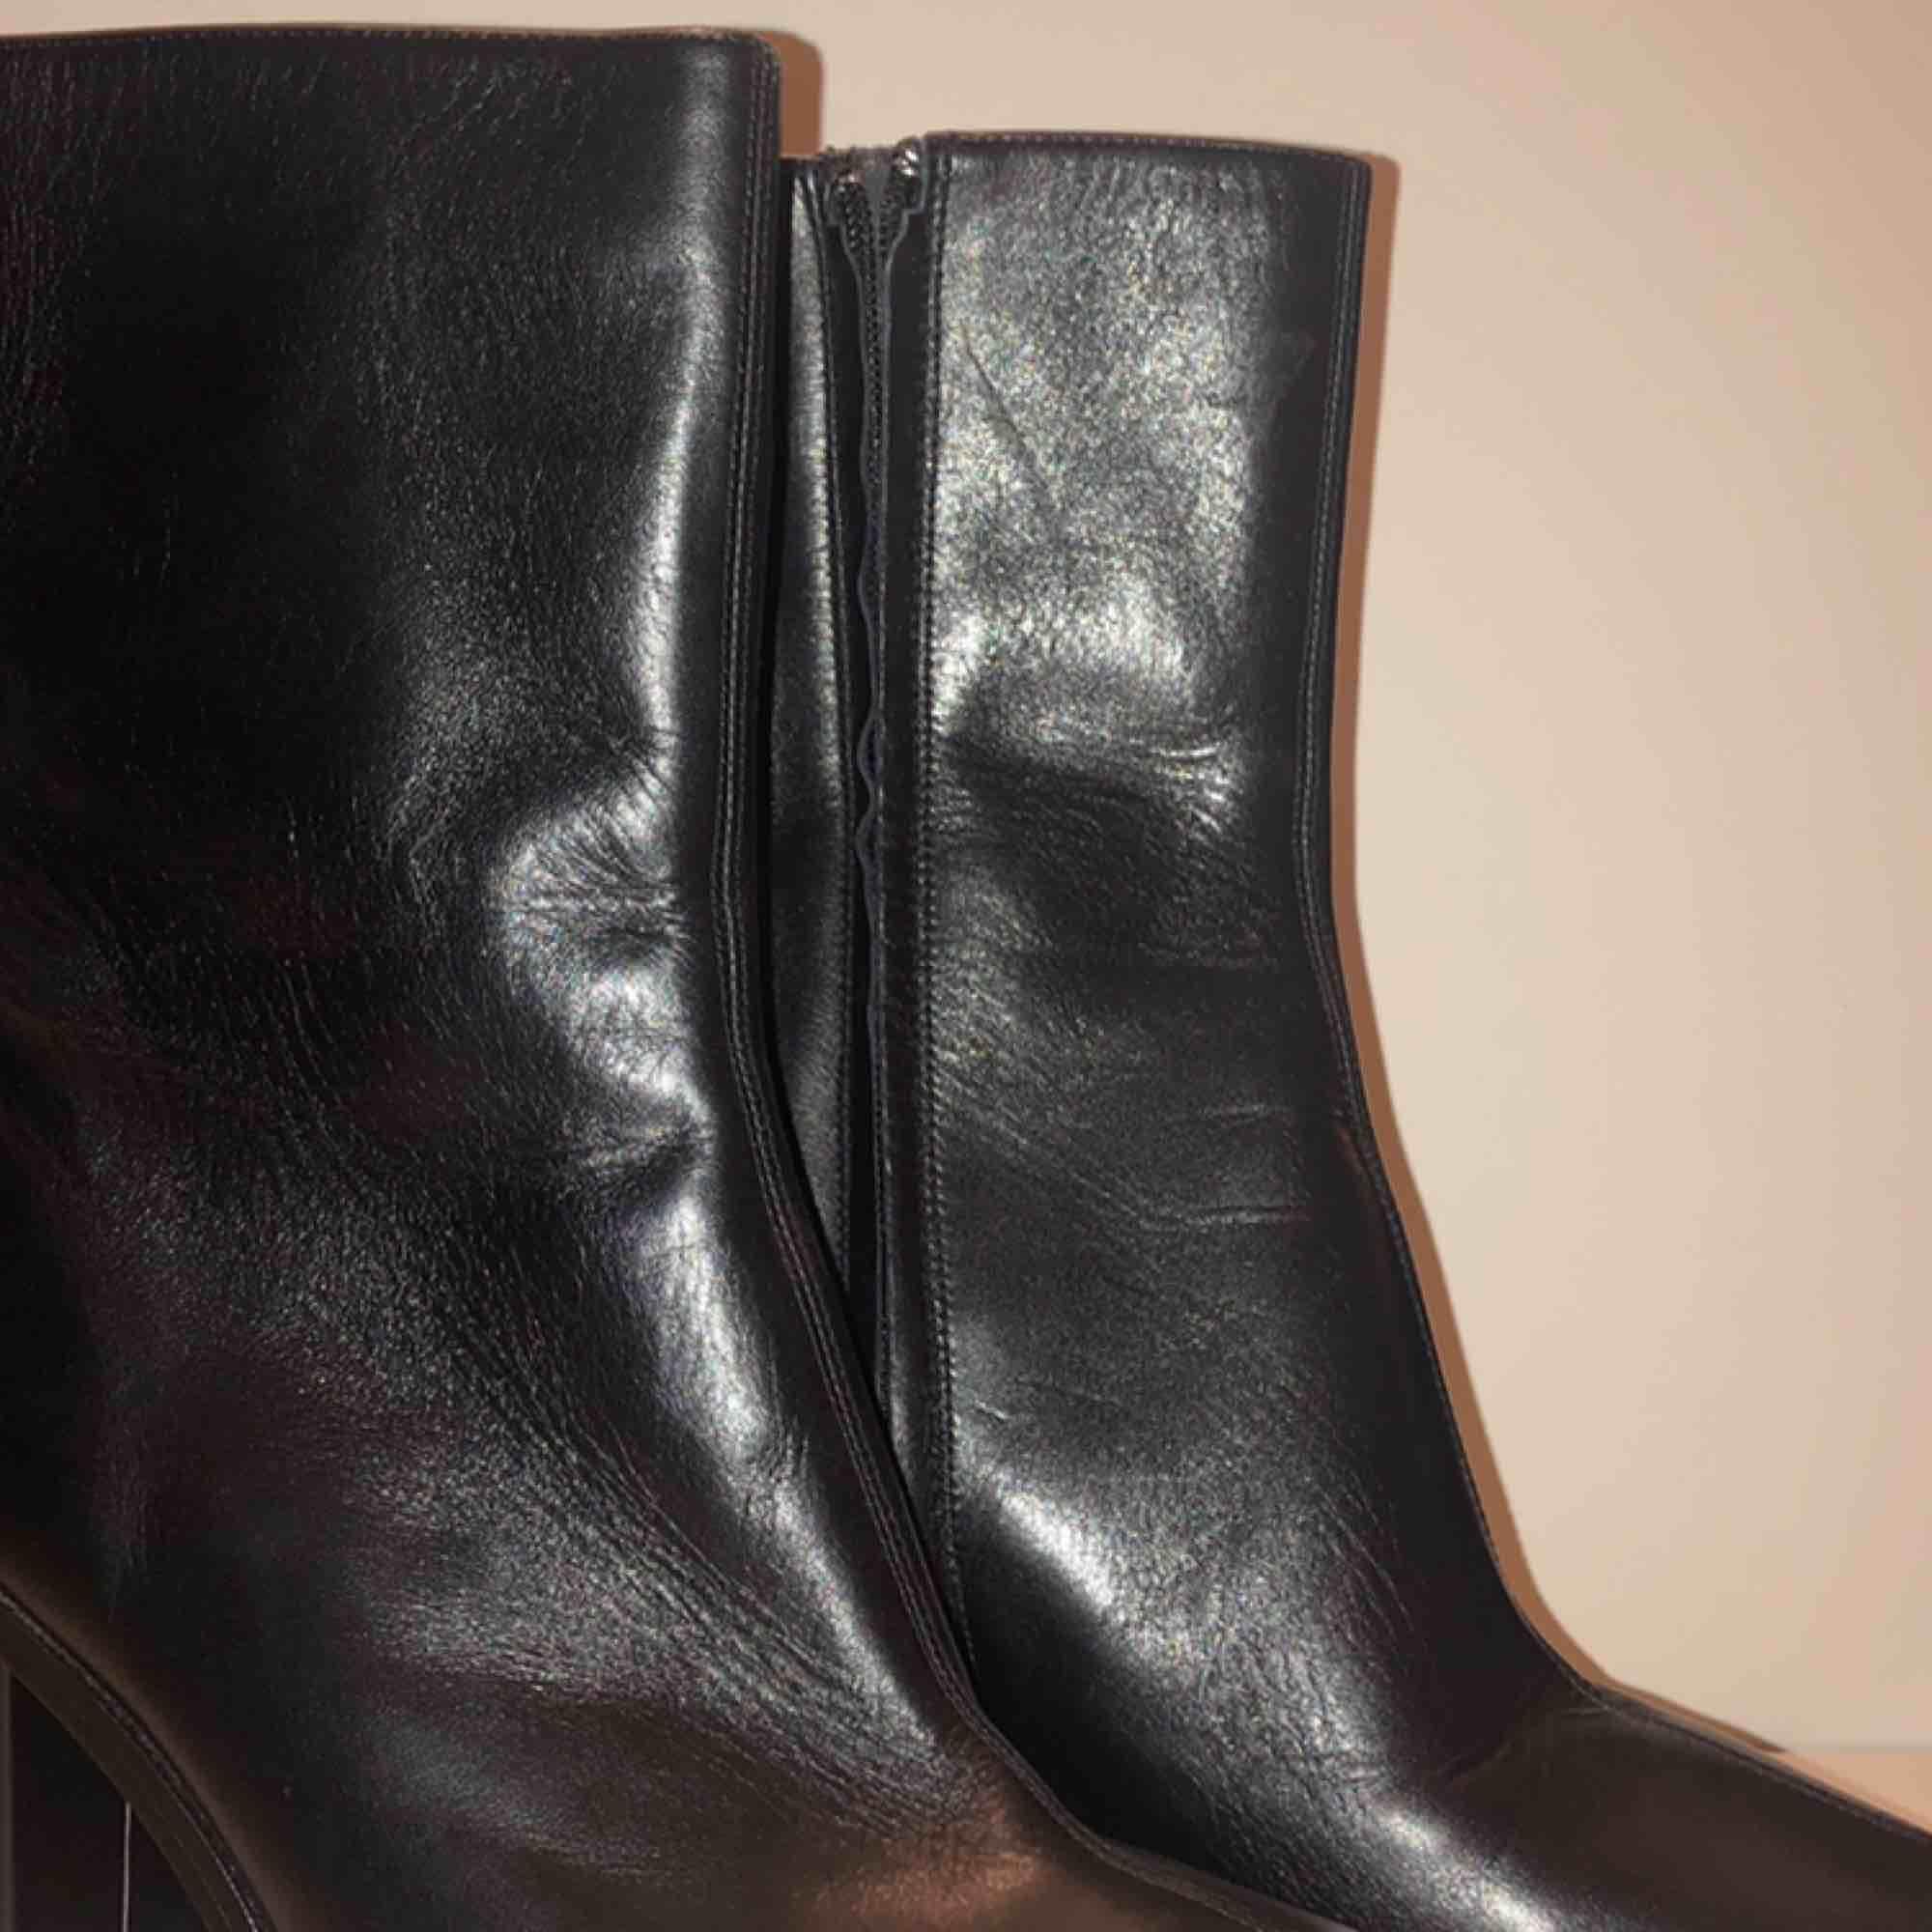 Höga boots med 10 cm klack samt högt skaft (cirka 10 cm) - Ej andvänd med prislapp kvar, originellt från Zara. Äkta läder. Möts upp i centrala Stockholm alternativt skickar mot frakt. . Skor.